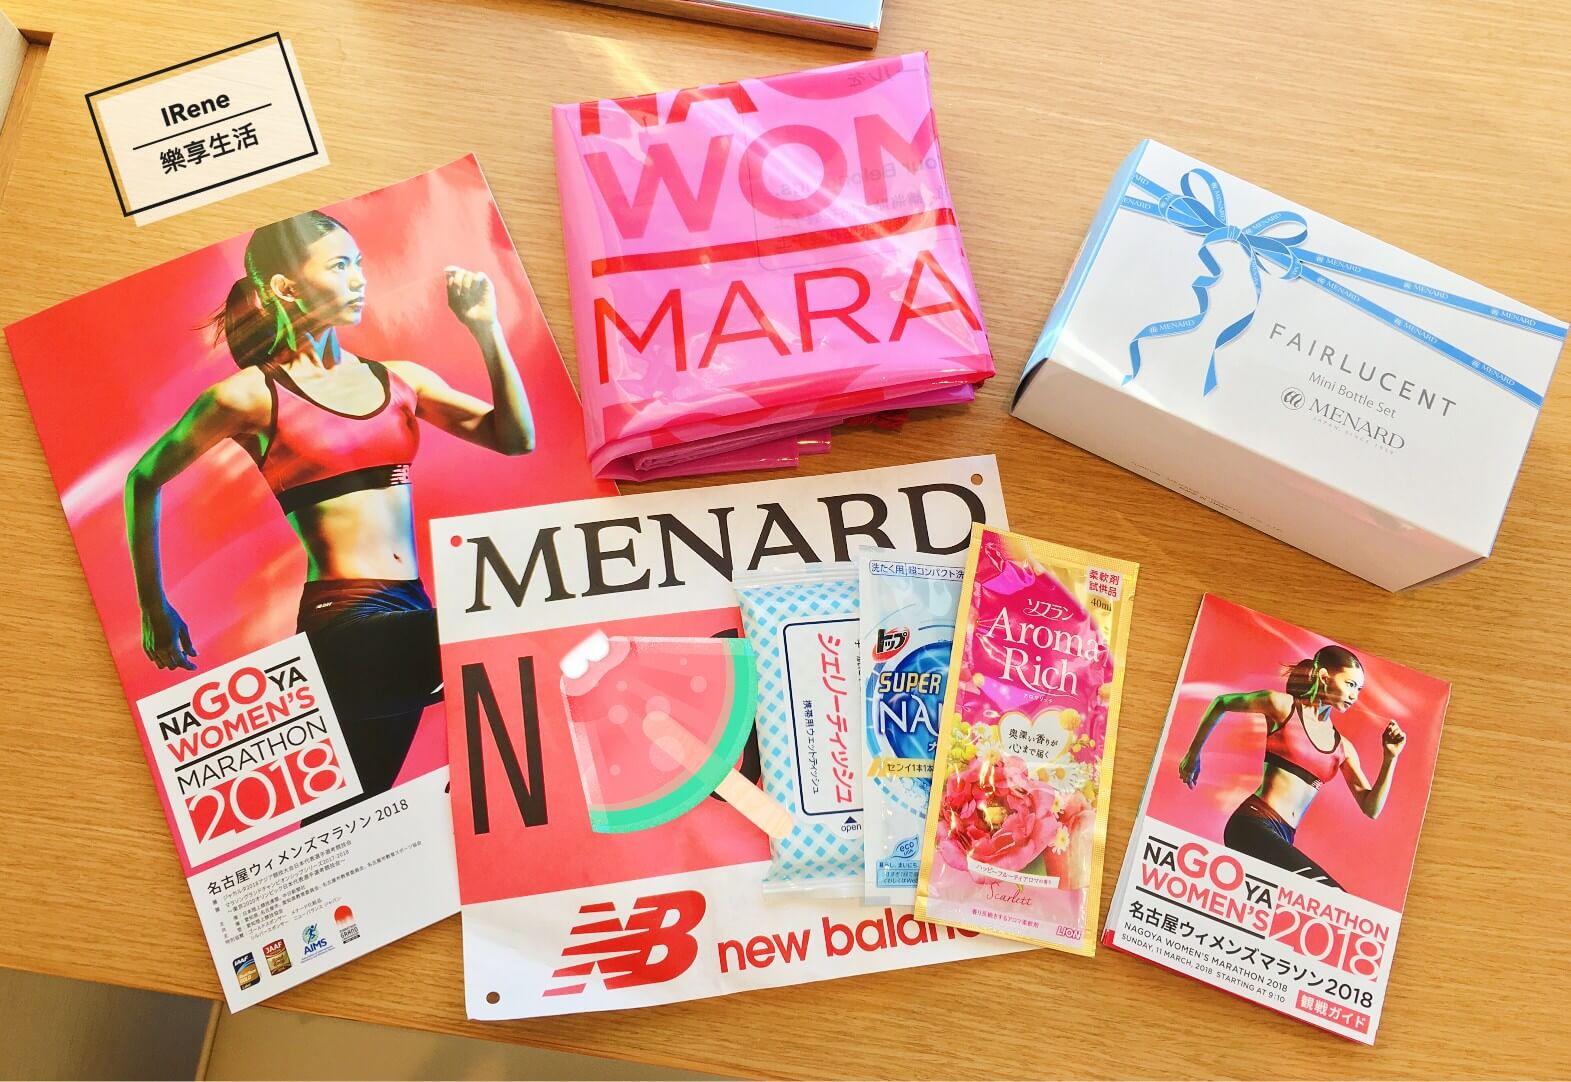 女孩們的跑步Party-名古屋女子馬拉松展會Expo2018